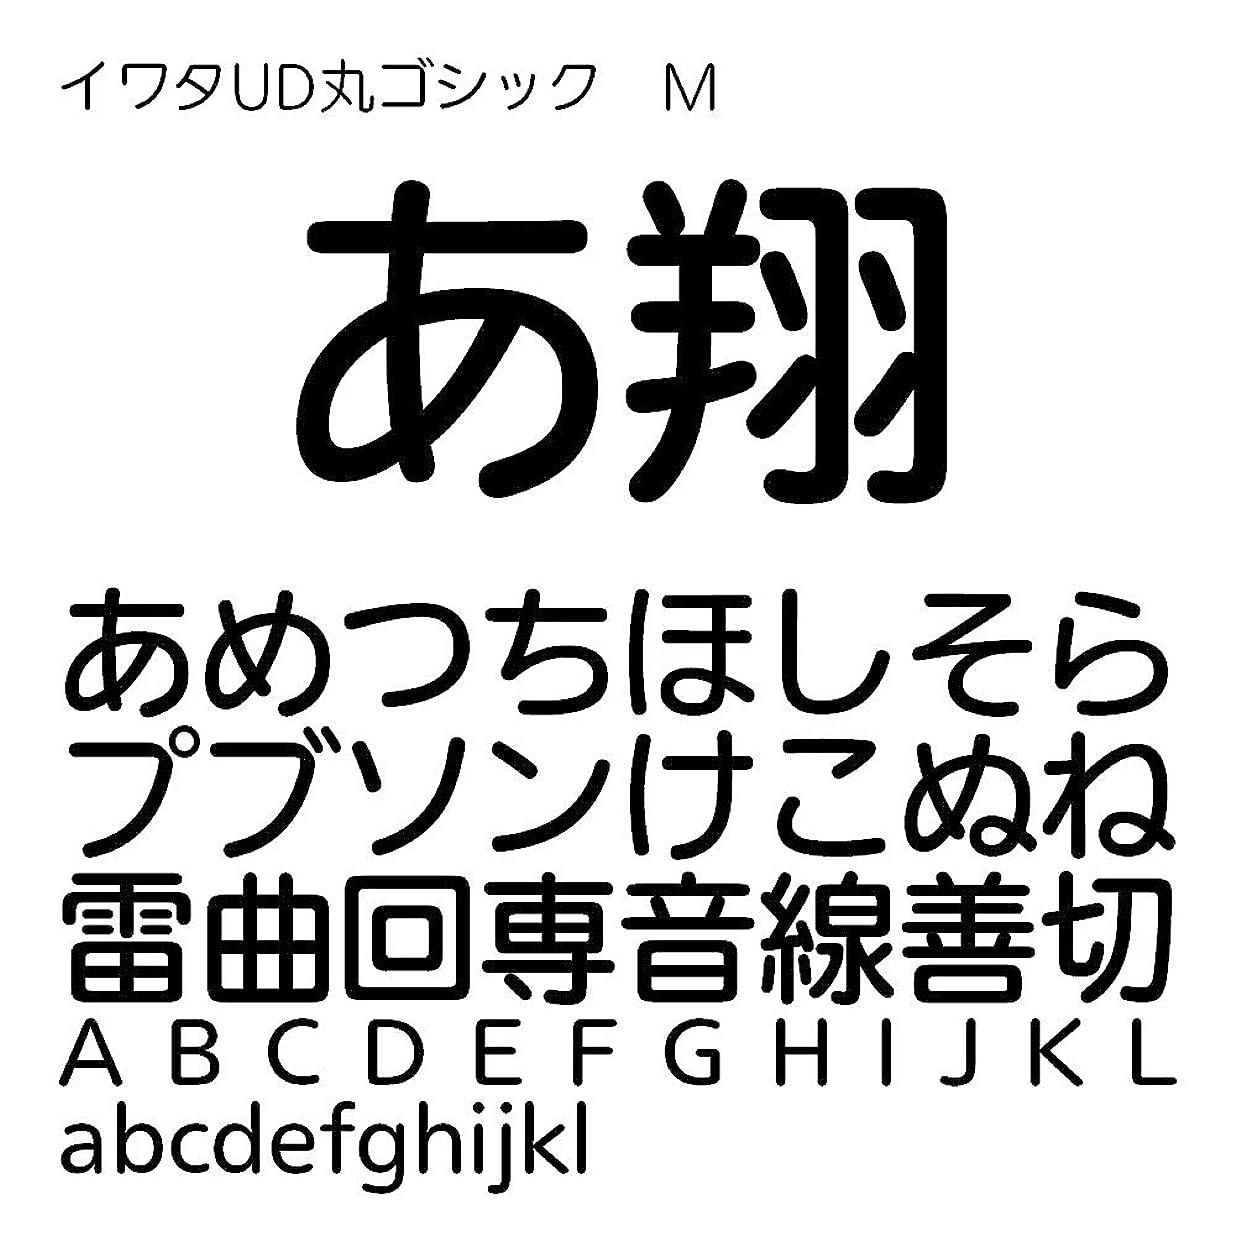 ポインタまもなく忘れっぽいイワタUD丸ゴシックM Pro OpenType Font for Windows [ダウンロード]